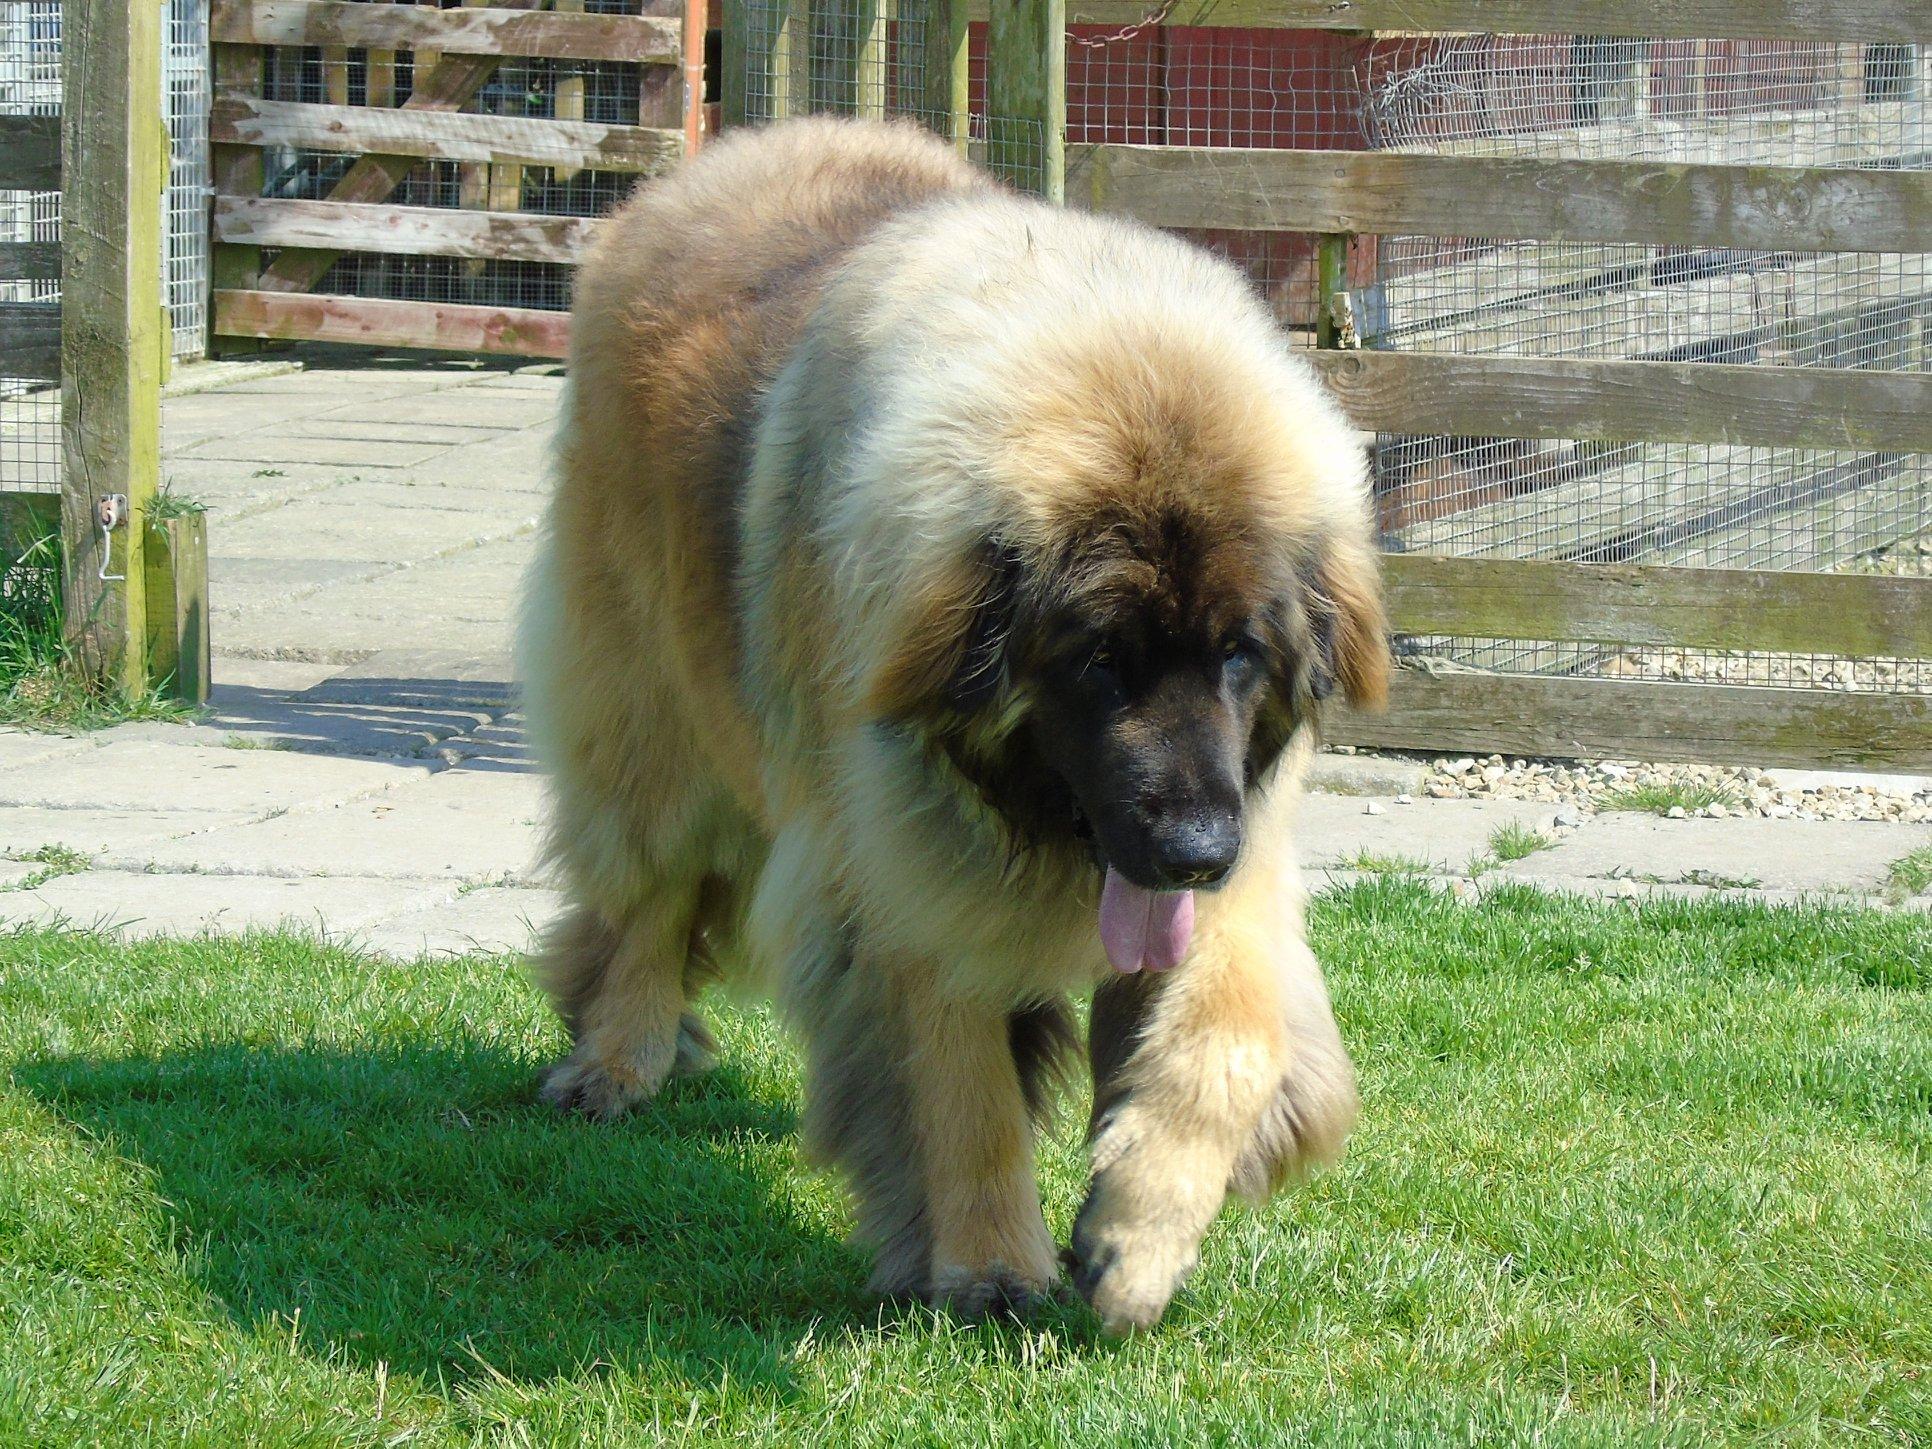 Baloo may 18 2